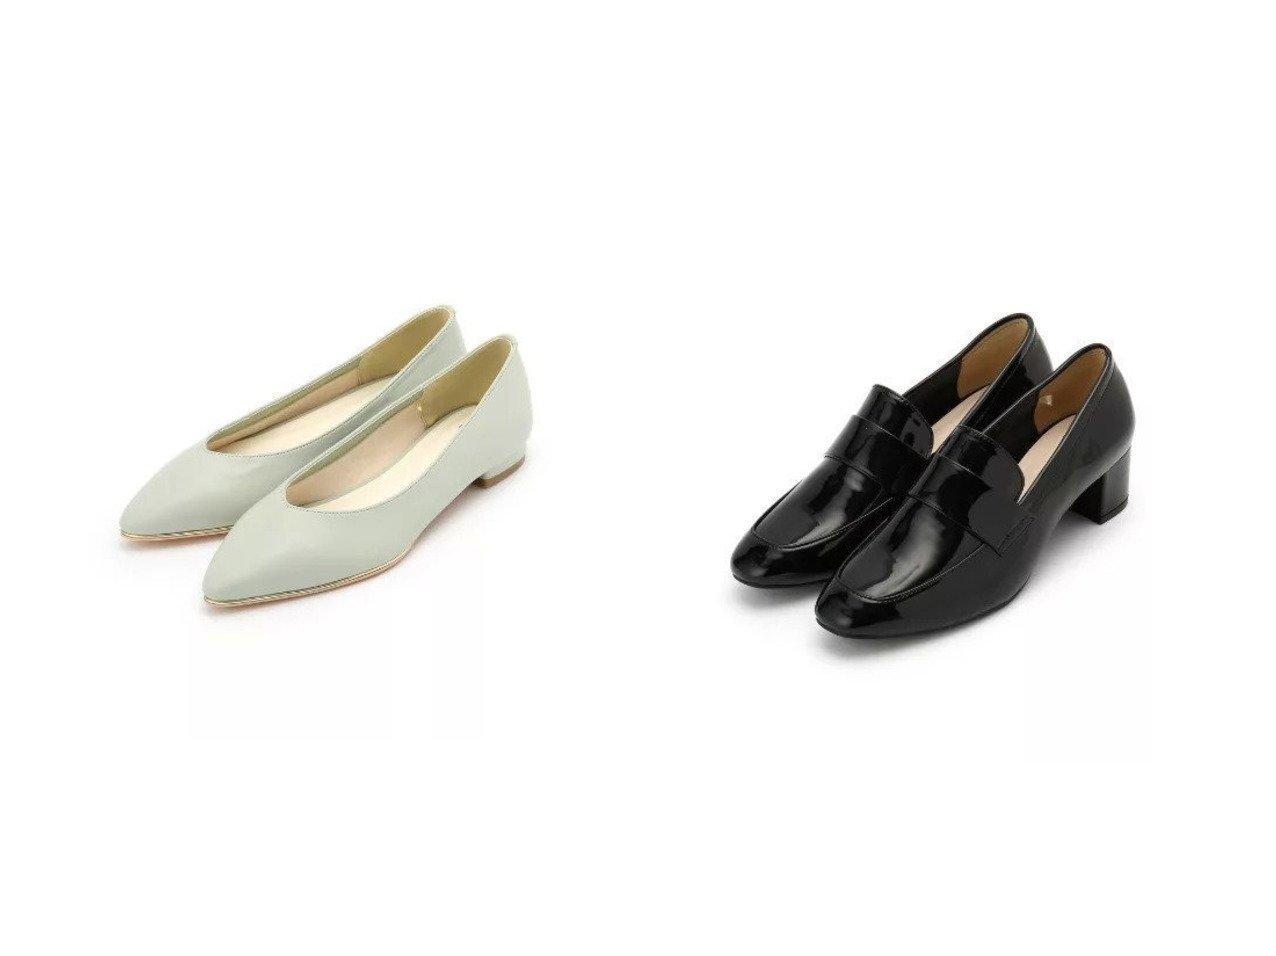 【INDEX/インデックス】のヒールローファー&メタルピースフラットパンプス シューズ・靴のおすすめ!人気、トレンド・レディースファッションの通販 おすすめで人気の流行・トレンド、ファッションの通販商品 メンズファッション・キッズファッション・インテリア・家具・レディースファッション・服の通販 founy(ファニー) https://founy.com/ ファッション Fashion レディースファッション WOMEN アーモンドトゥ シューズ シンプル ジャージ フラット メタル 抗菌 エナメル クラシック  ID:crp329100000023332